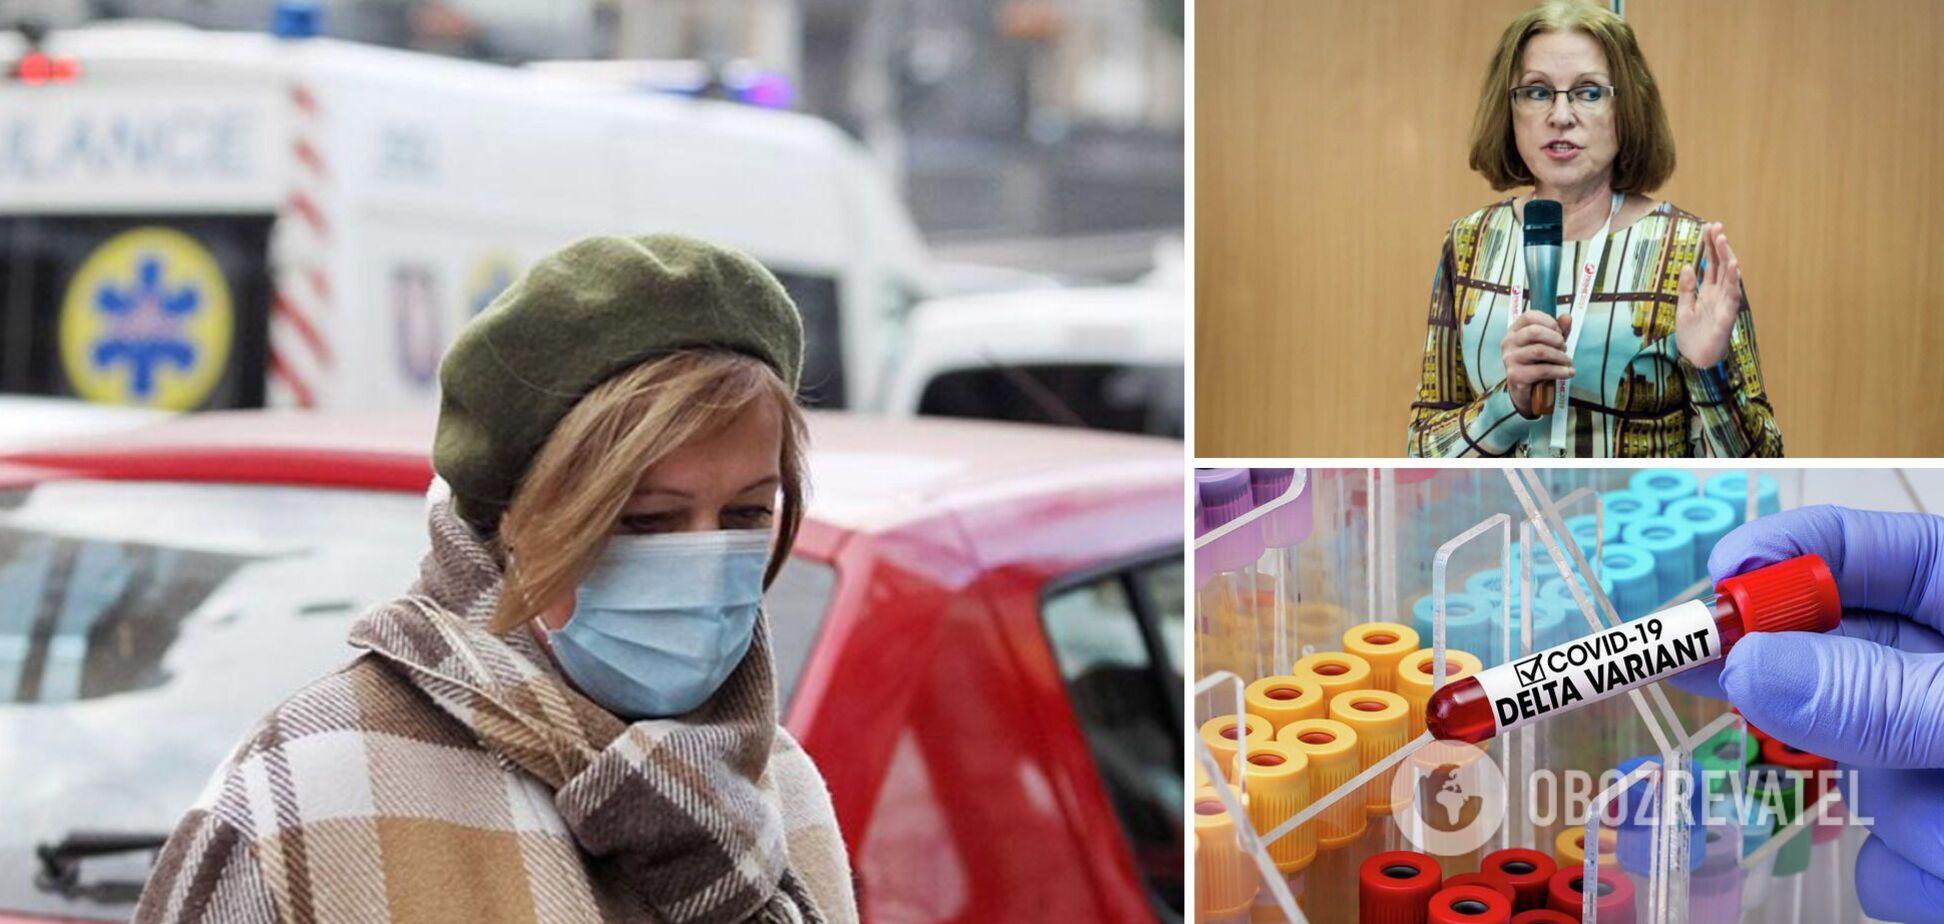 Дельта більш небезпечна для літніх людей, але локдауну в Україні можна запобігти, – імунологиня